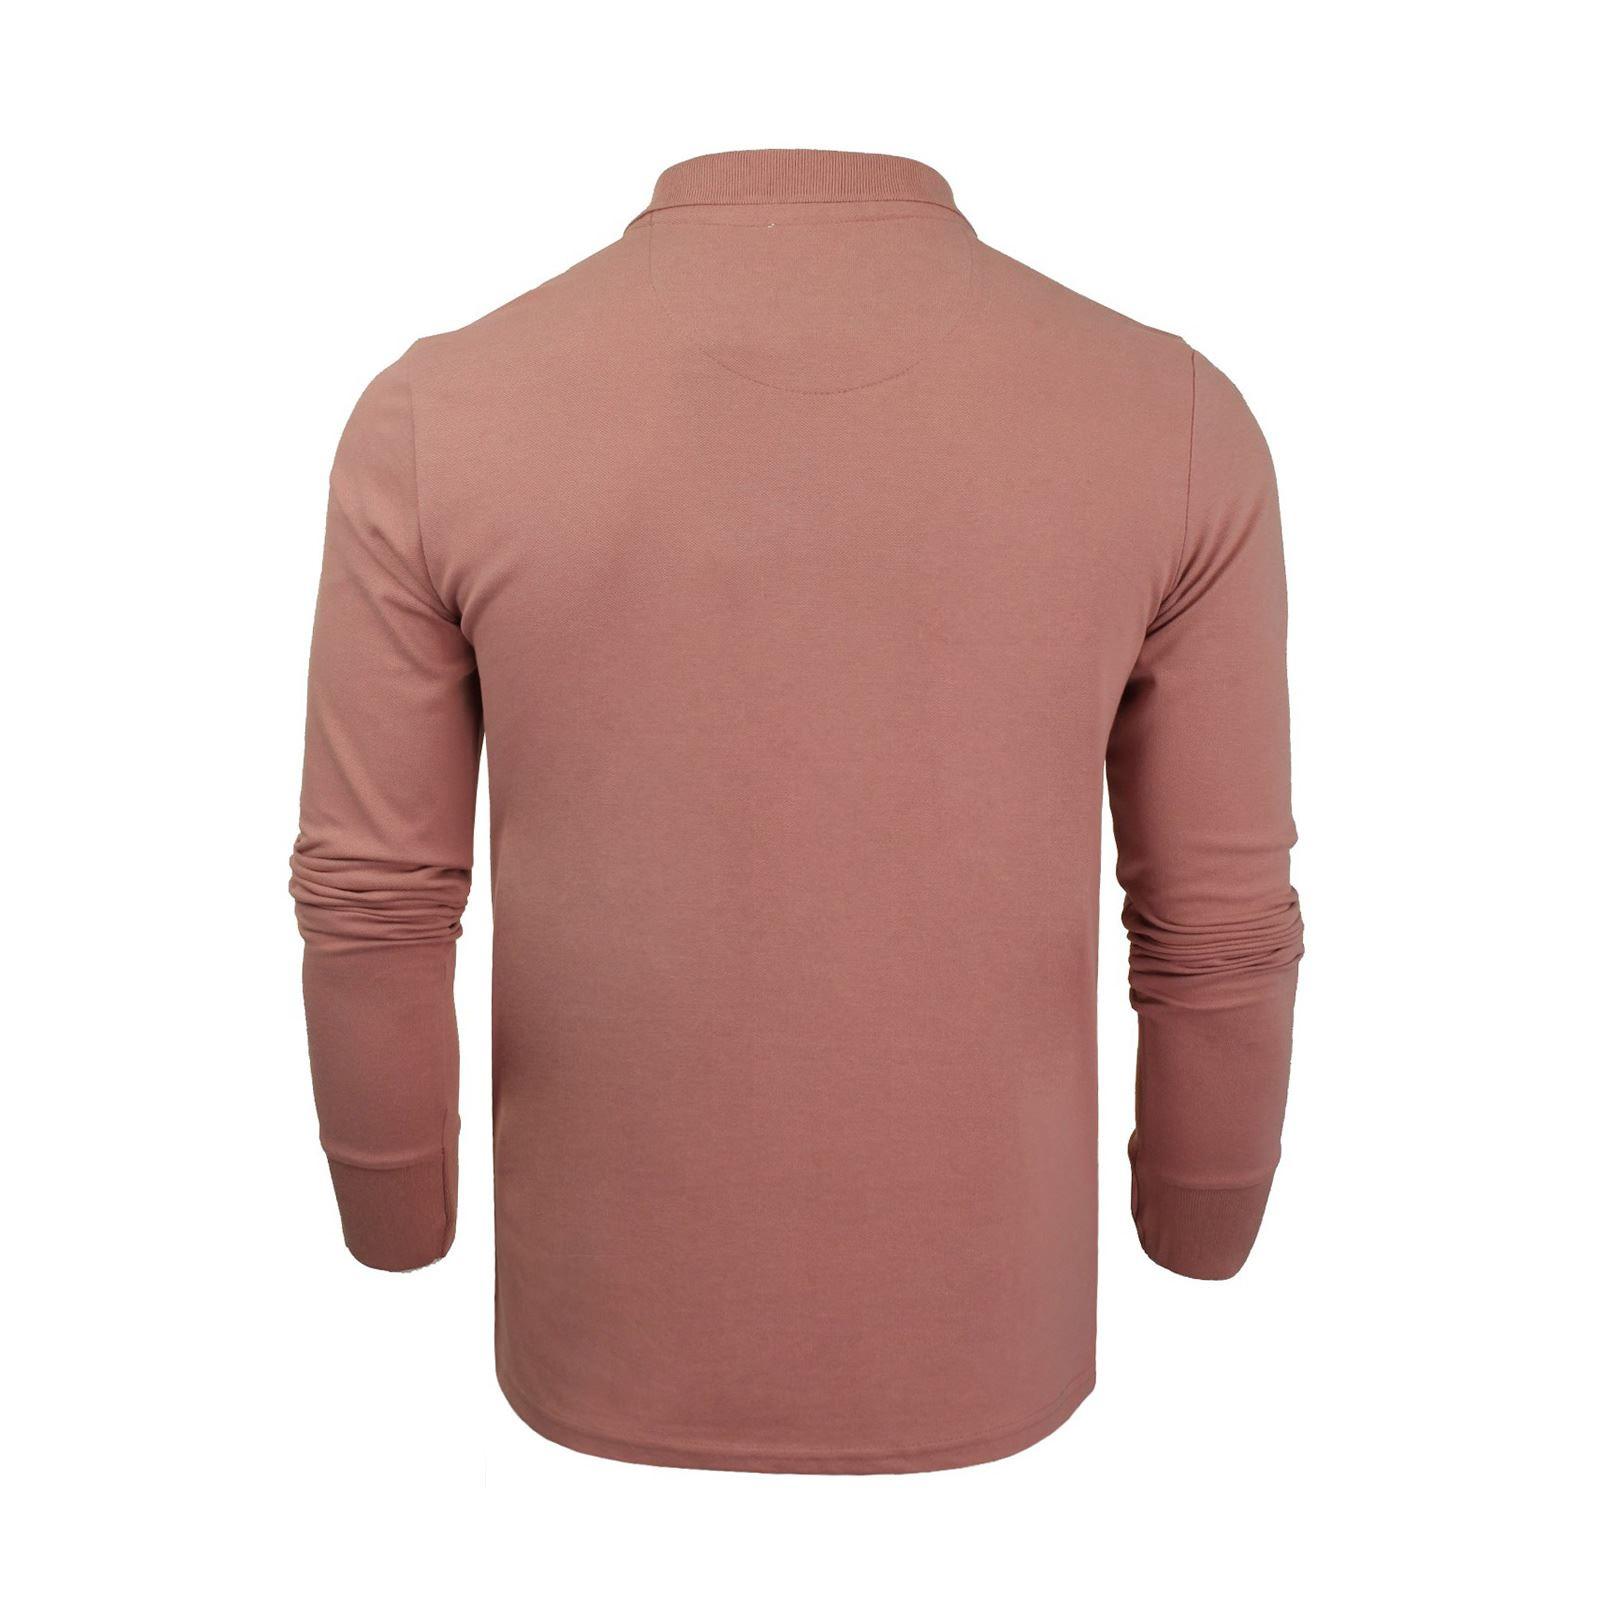 Homme-polo-t-shirt-brave-soul-lincoln-en-coton-a-manches-longues-pique-haut-decontracte miniature 21